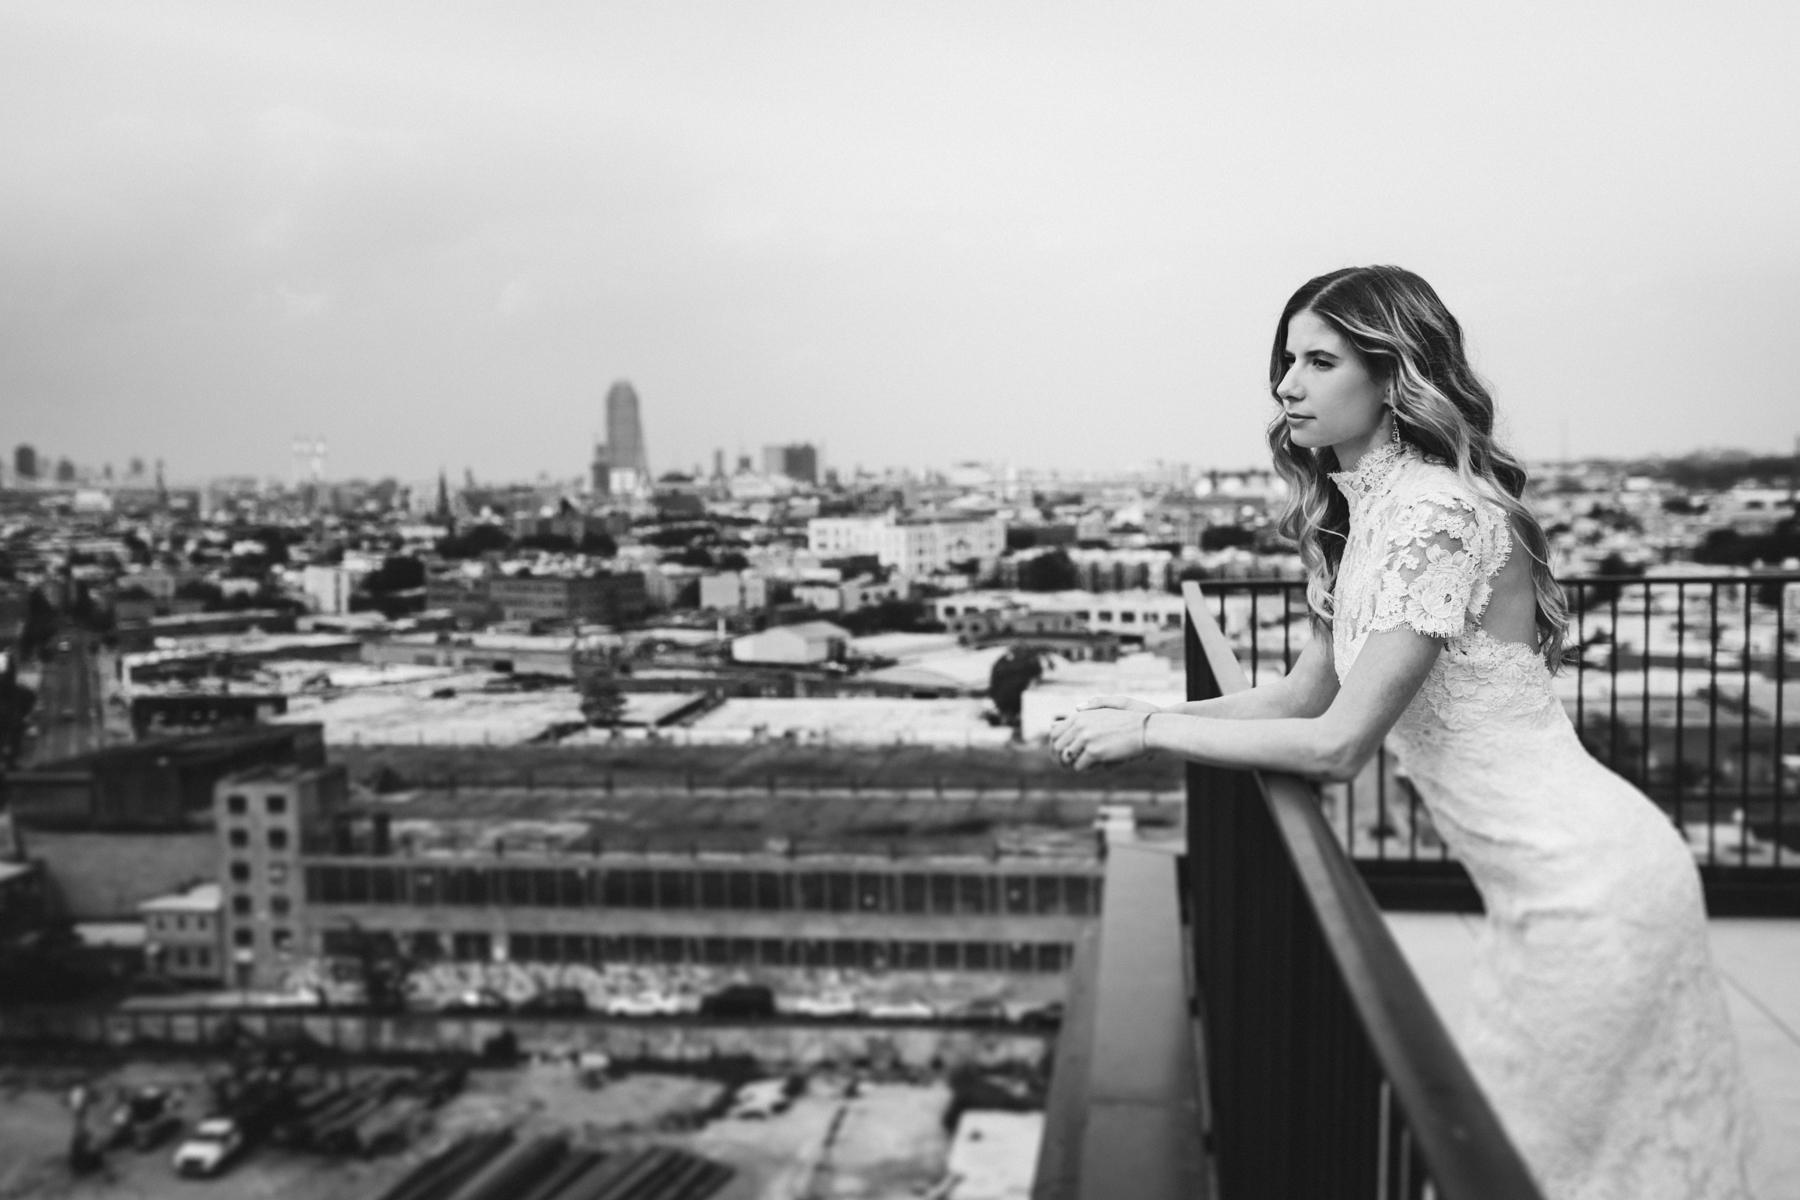 Wythe-Hotel-Green-Building-Brooklyn-Documentary-Wedding-Photography-36.jpg